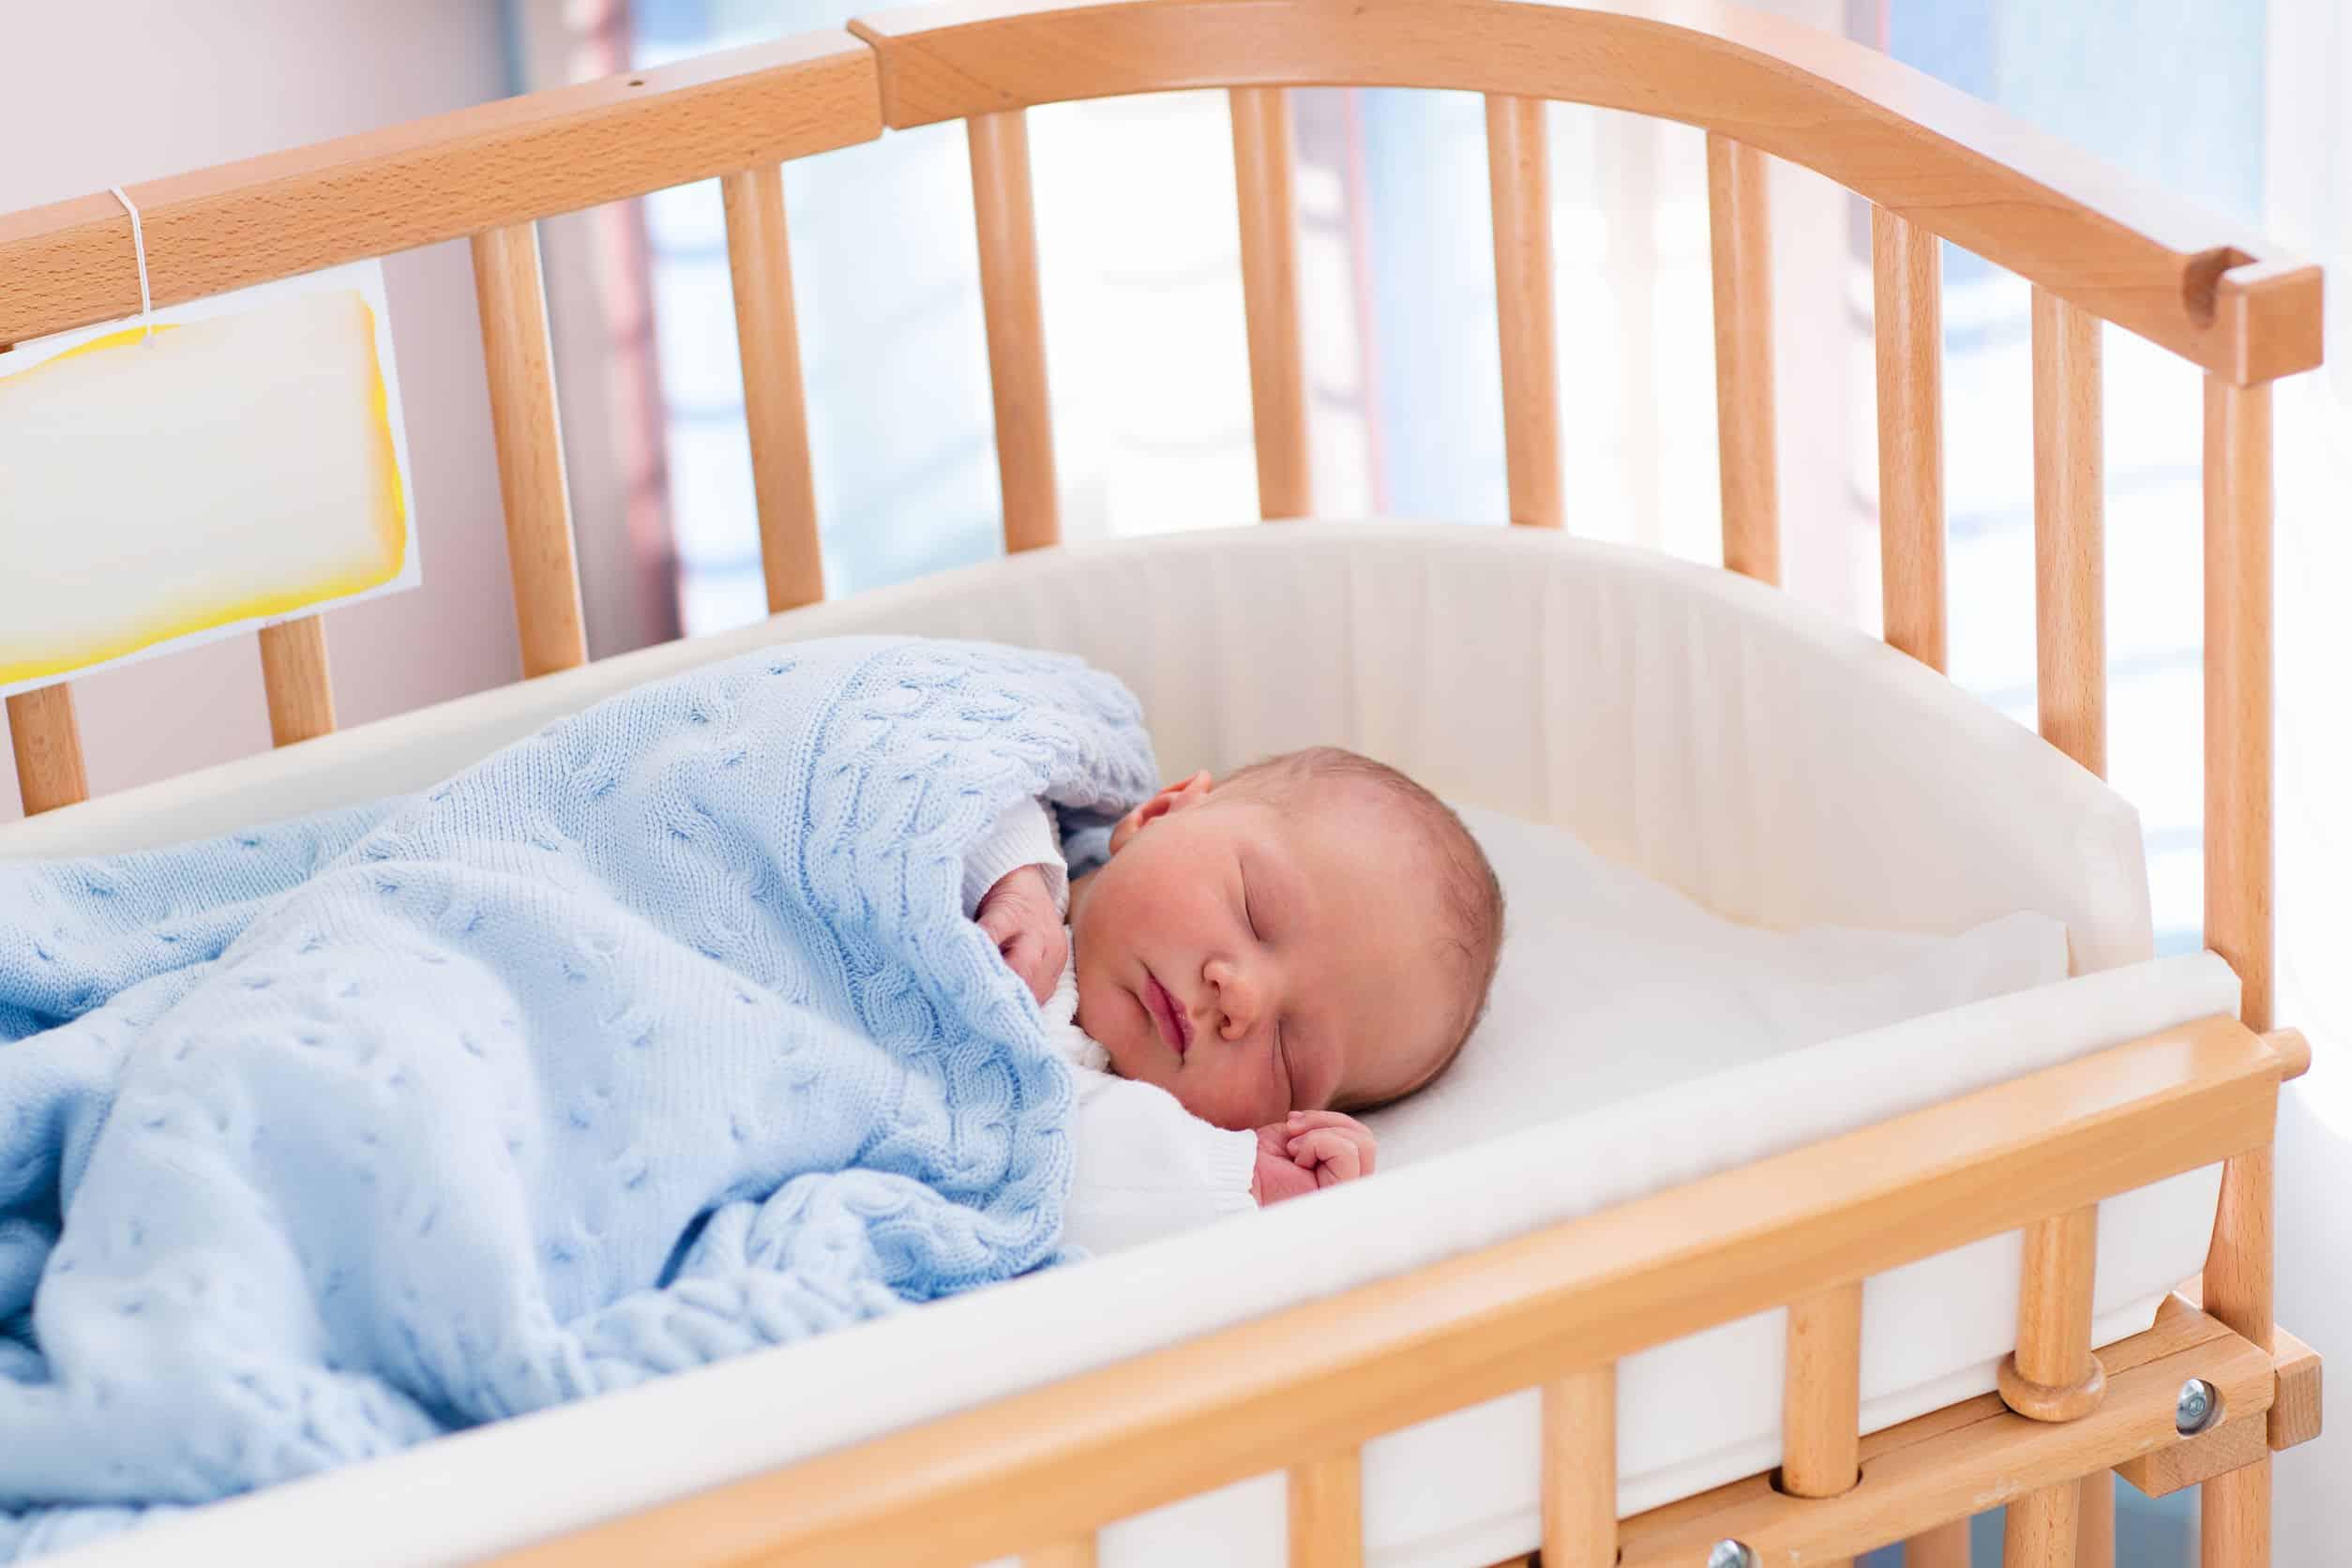 Bebê dorme tranquilamente em uma caminha com grades de madeira